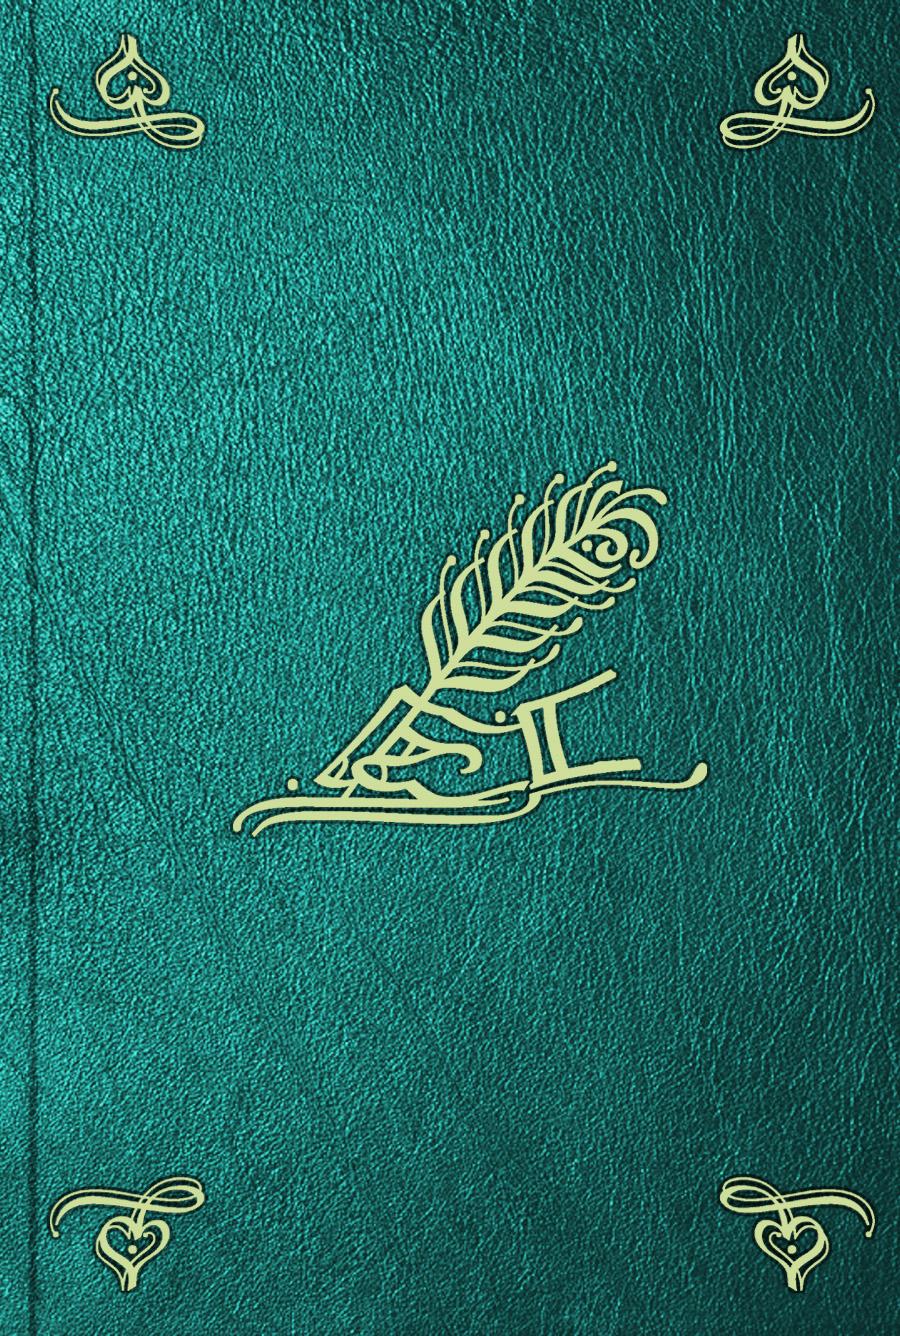 Comte de Buffon Georges Louis Leclerc Histoire naturelle. T. 13. Oiseaux comte de buffon georges louis leclerc histoire naturelle t 8 oiseaux